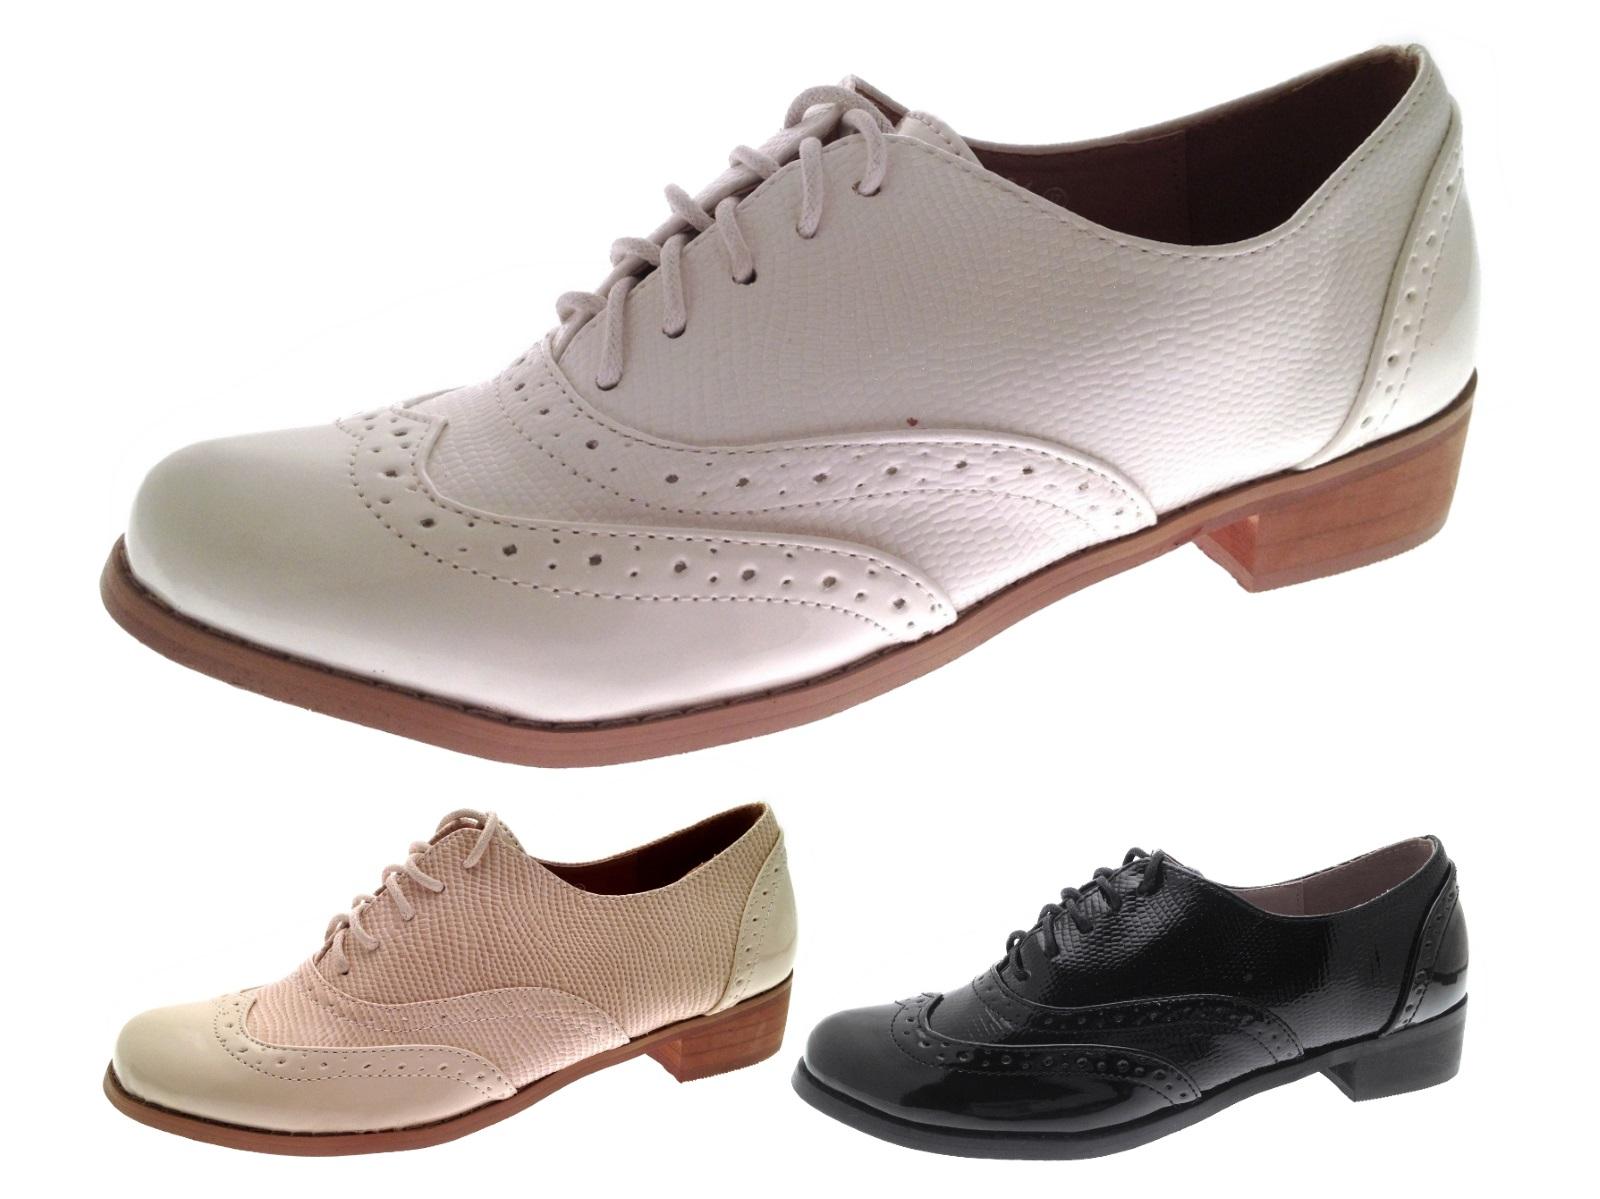 Brogues Low Heel School Shoes Casual